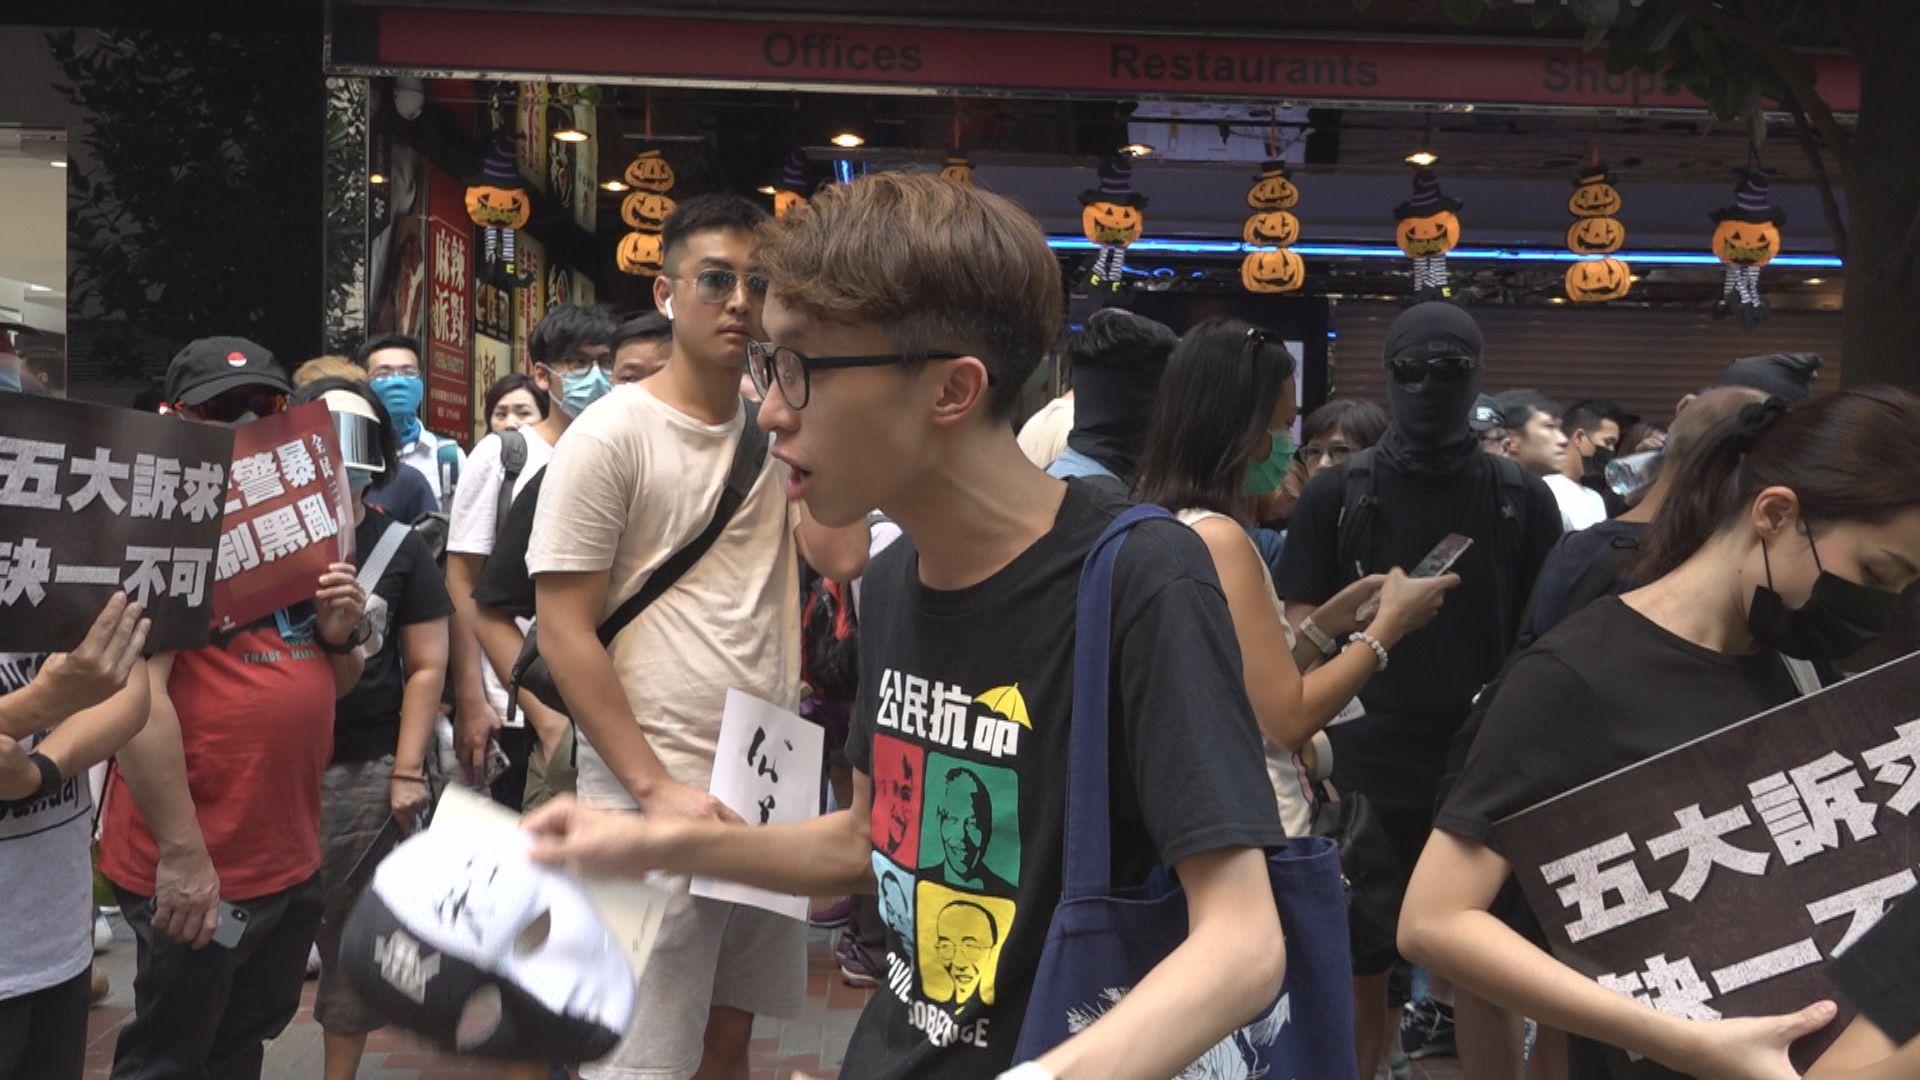 陳皓桓前年9月港島遊行被控未經批准集結 下月再訊